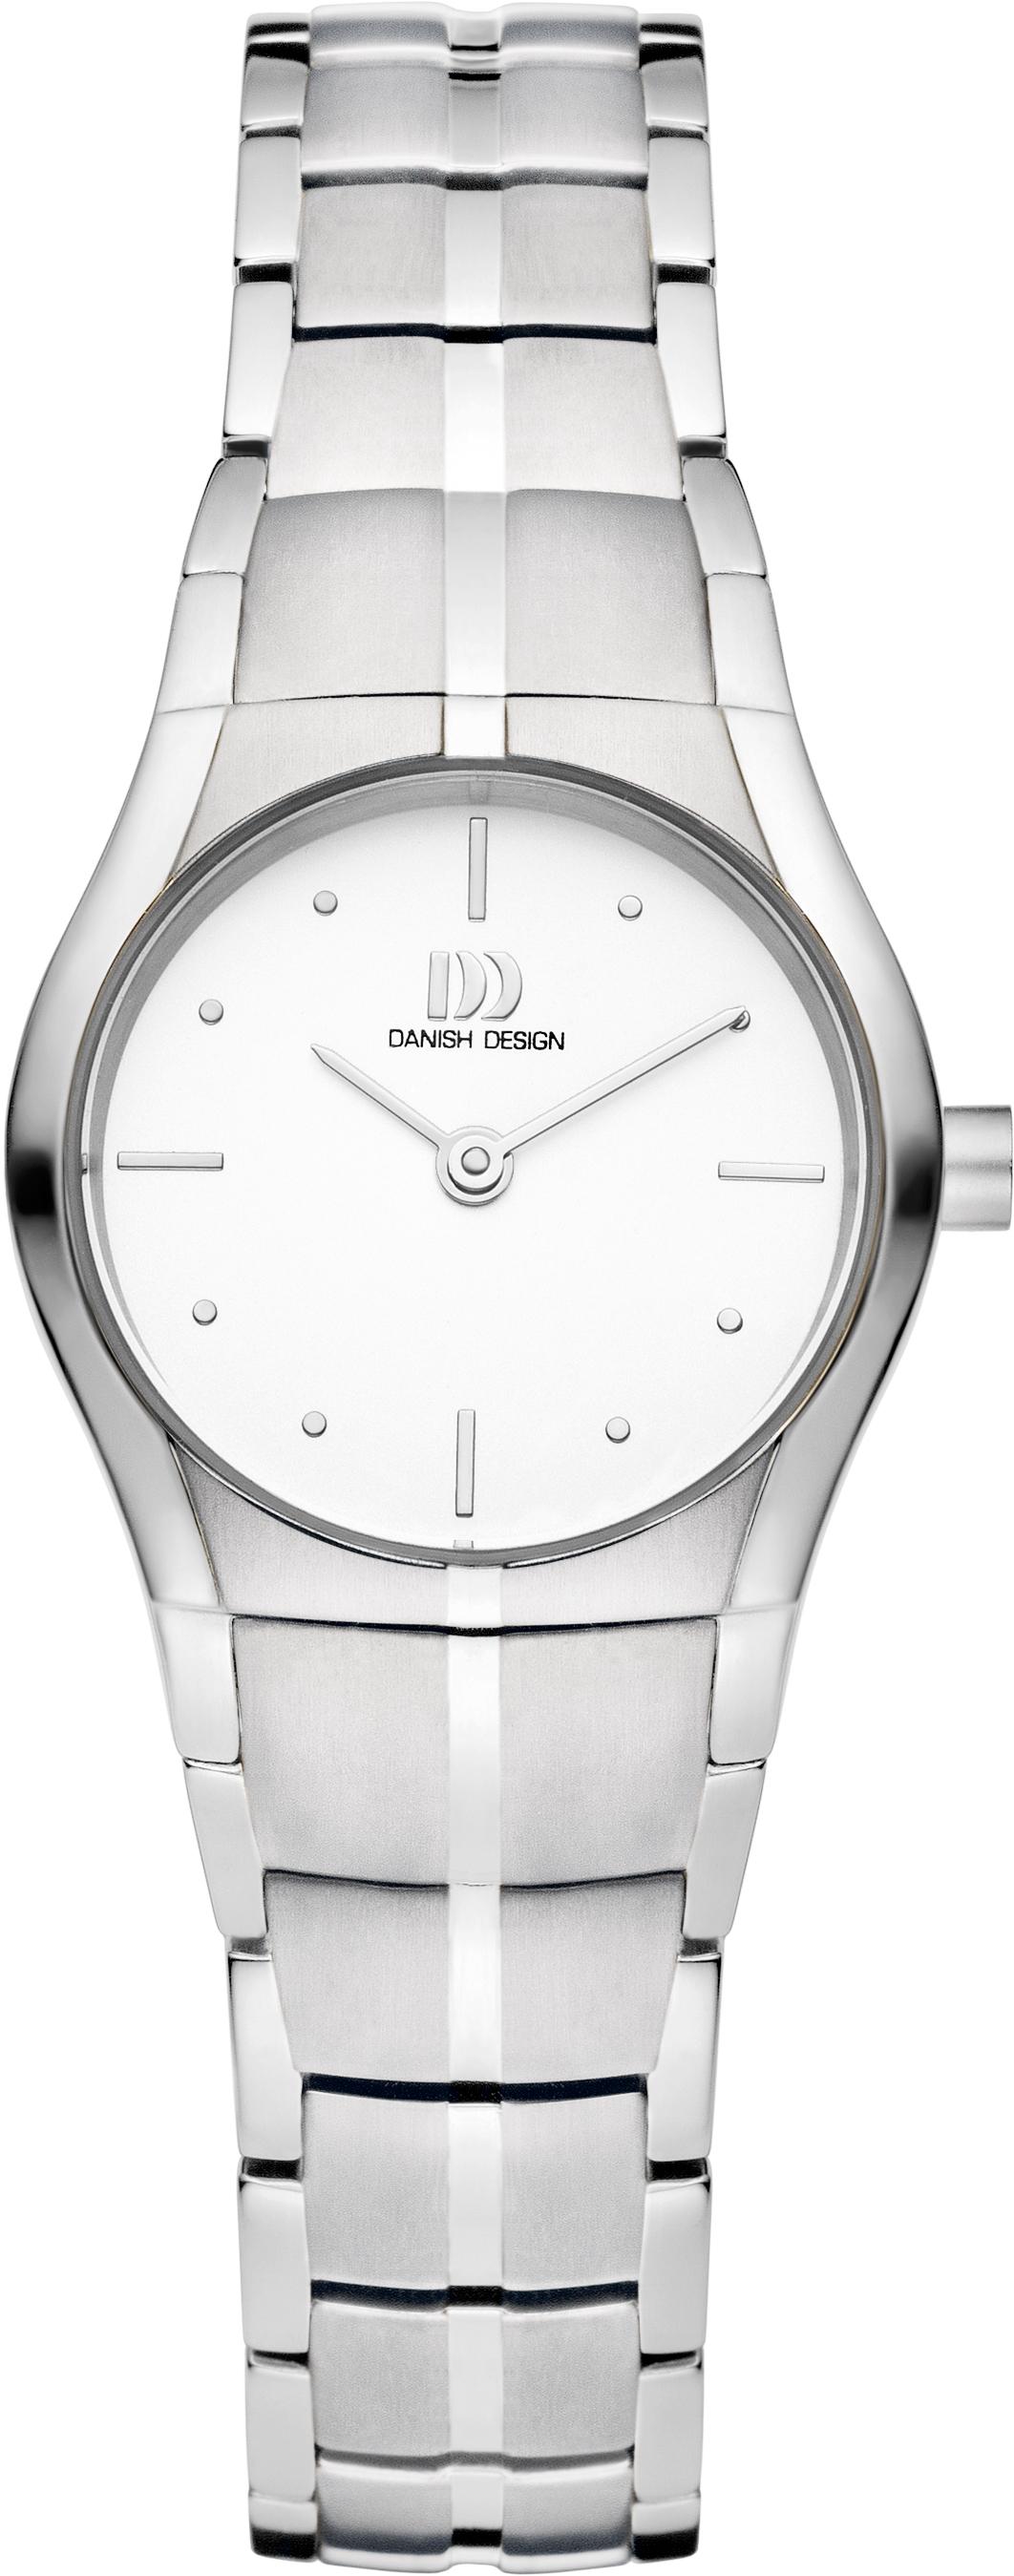 Danish Design dameshorloge titanium IV62Q1015